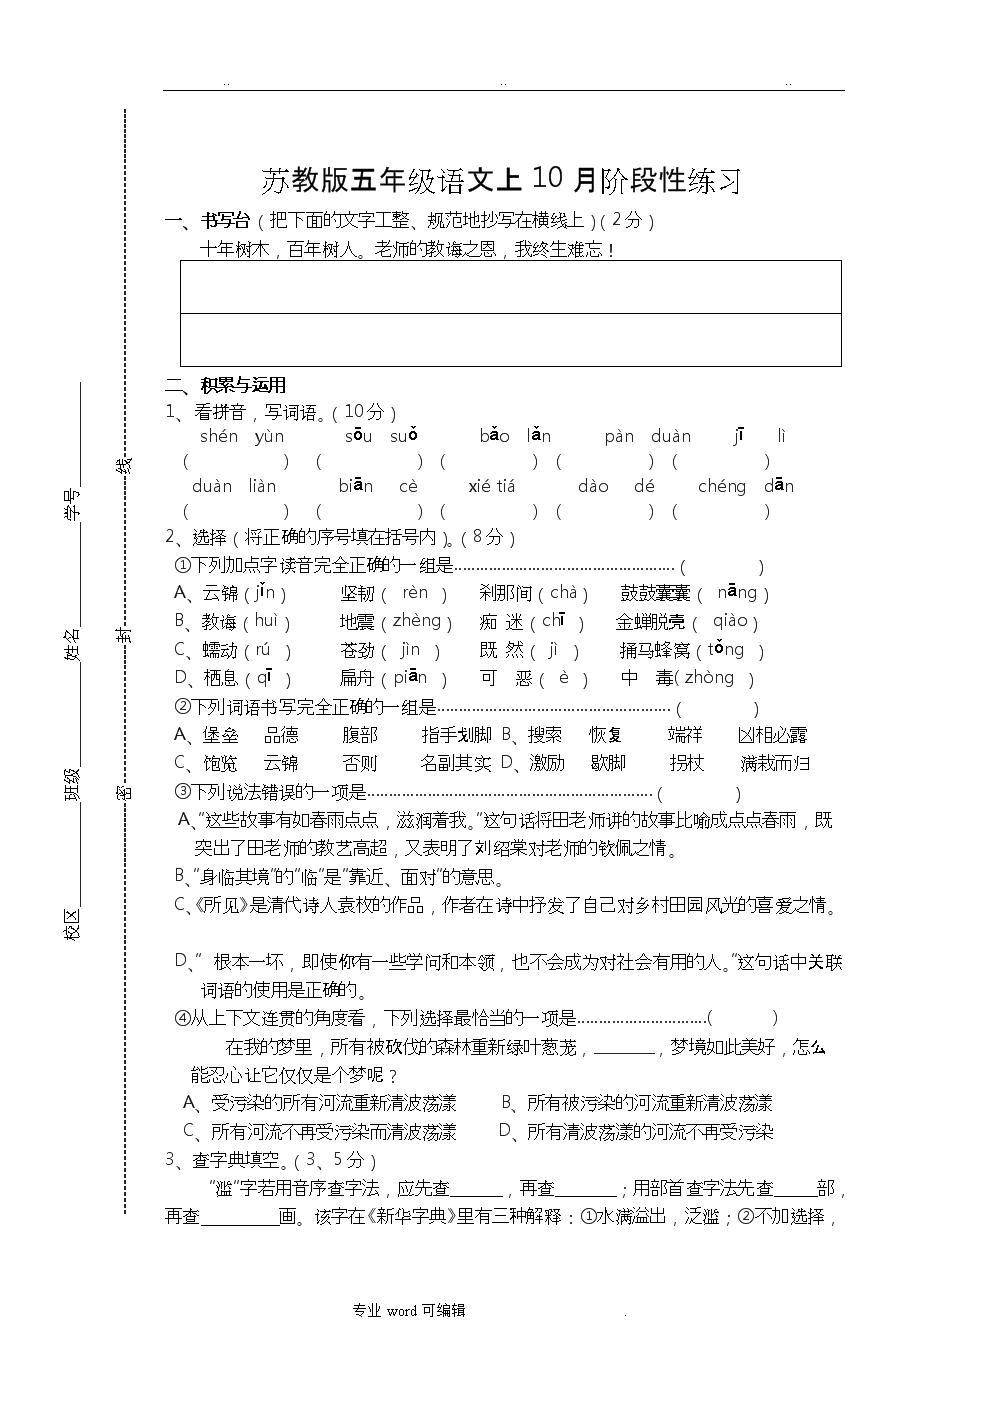 苏版五年级(上册)语文一二单元月考.doc